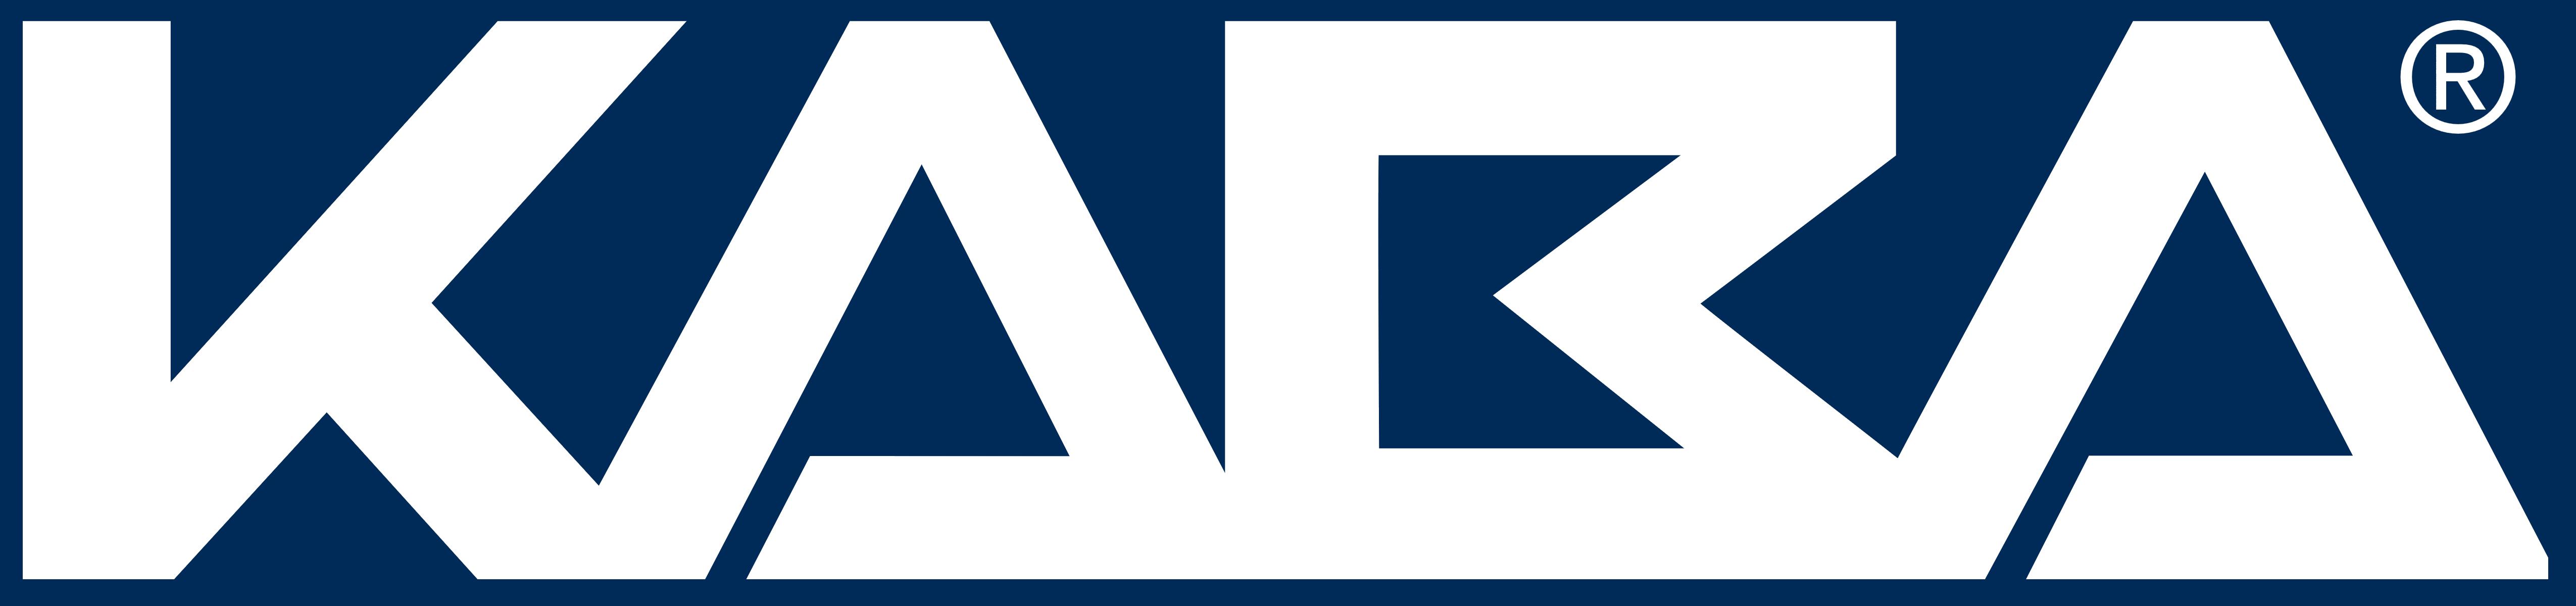 Kaba – Logos Download